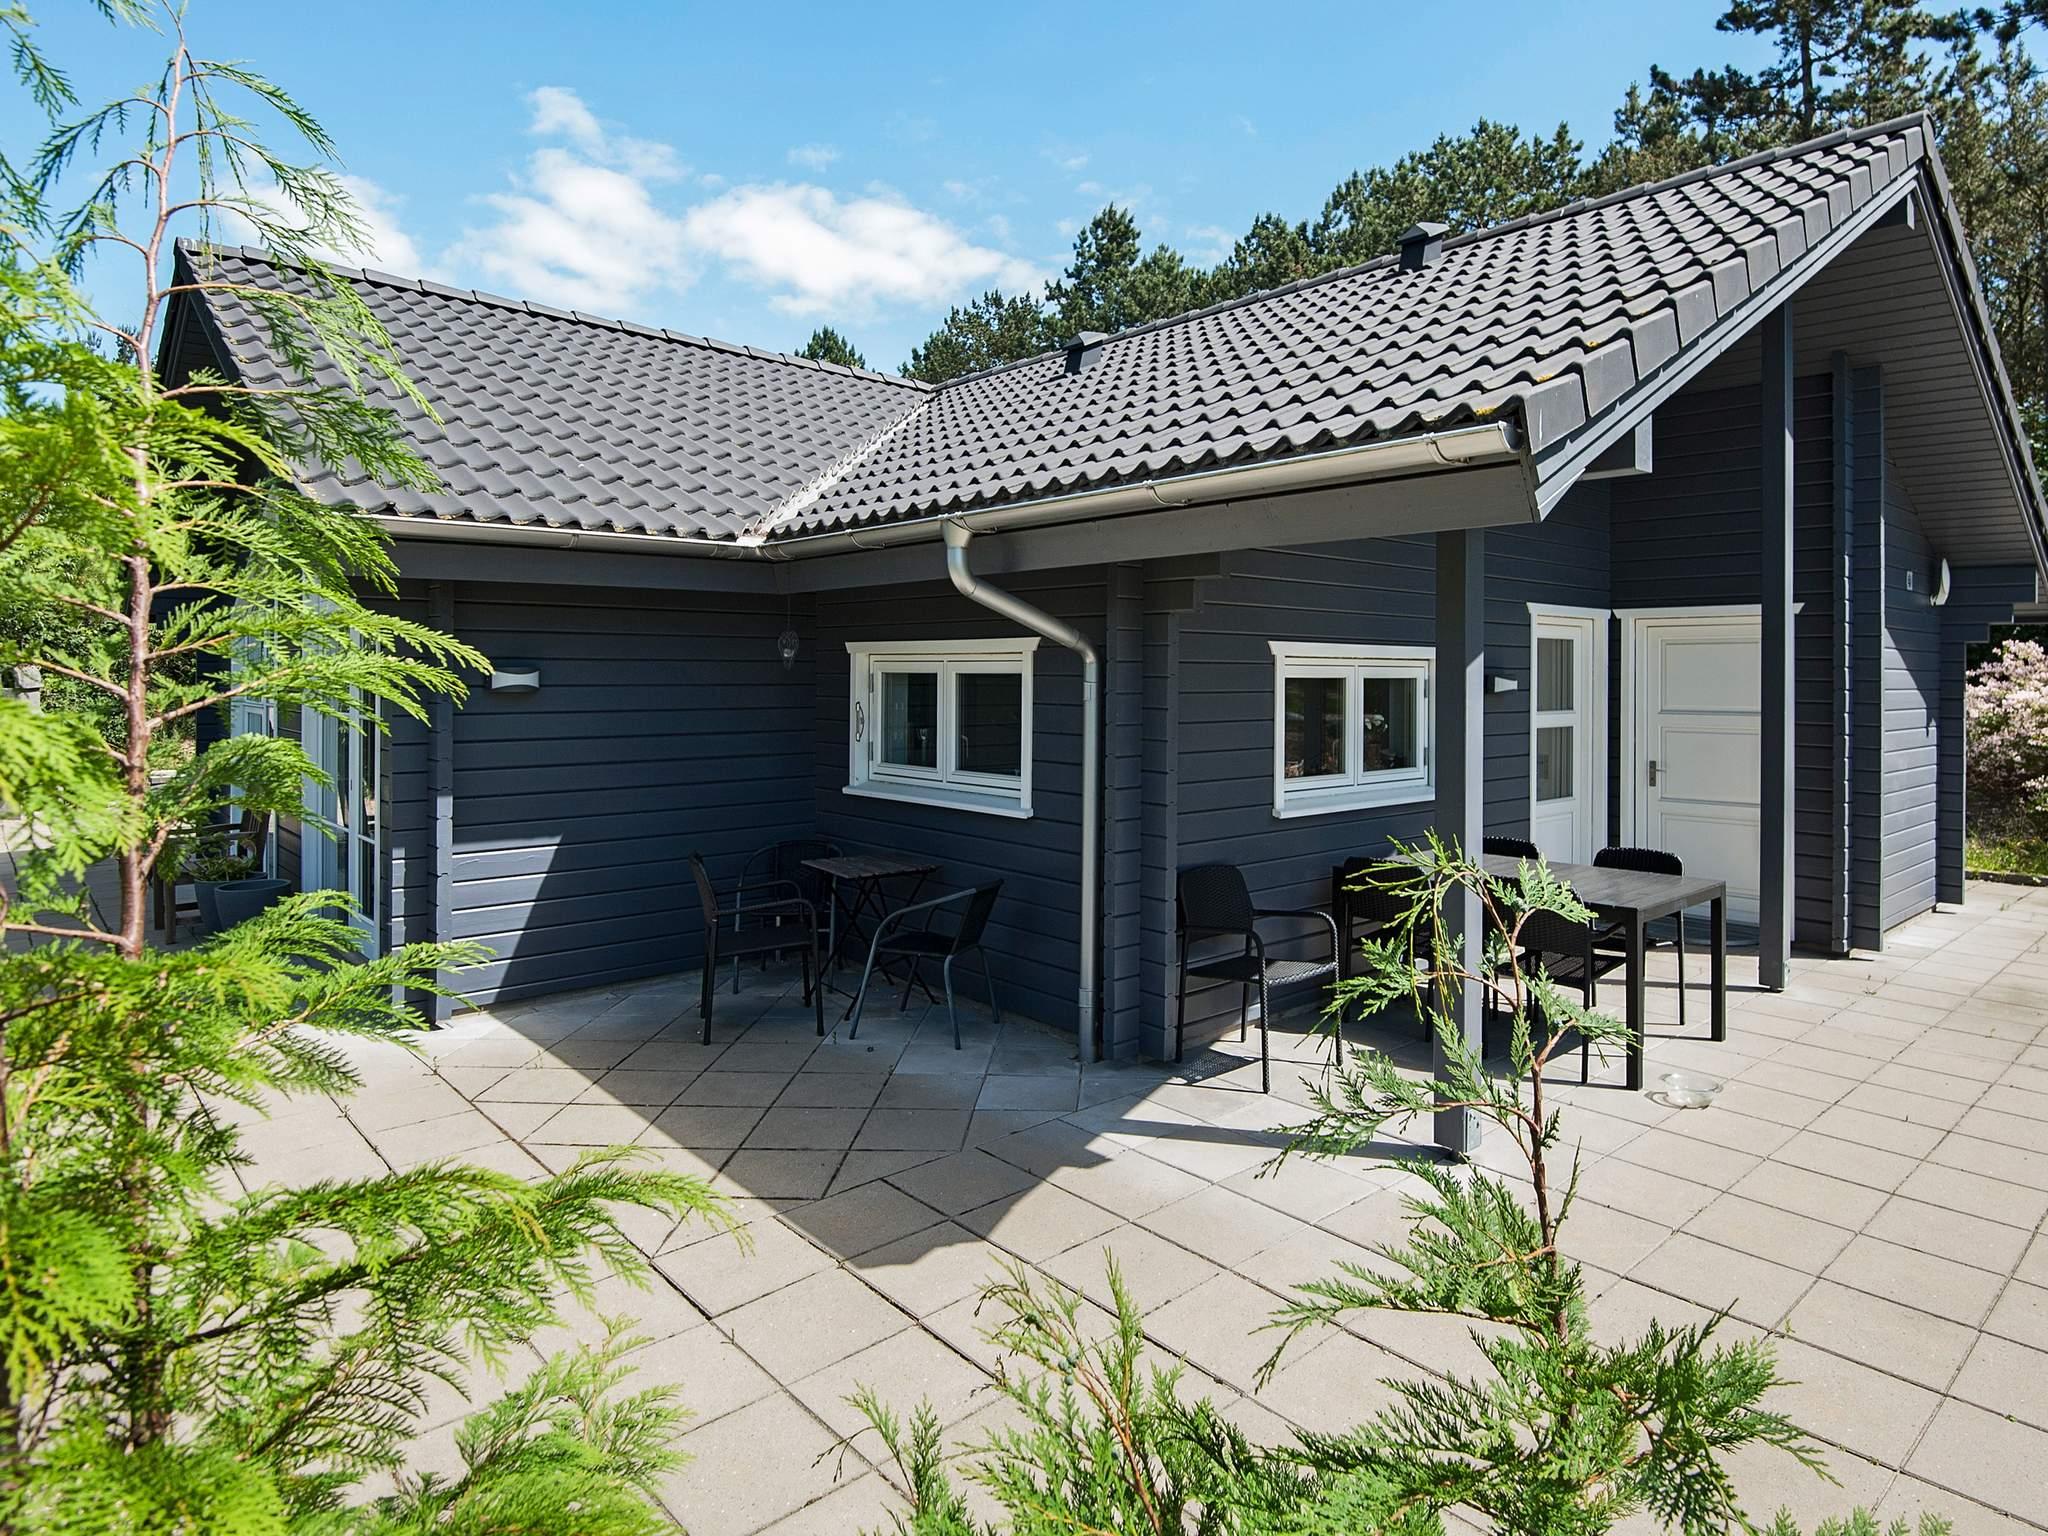 Ferienhaus Ebeltoft (494749), Ebeltoft, , Ostjütland, Dänemark, Bild 1